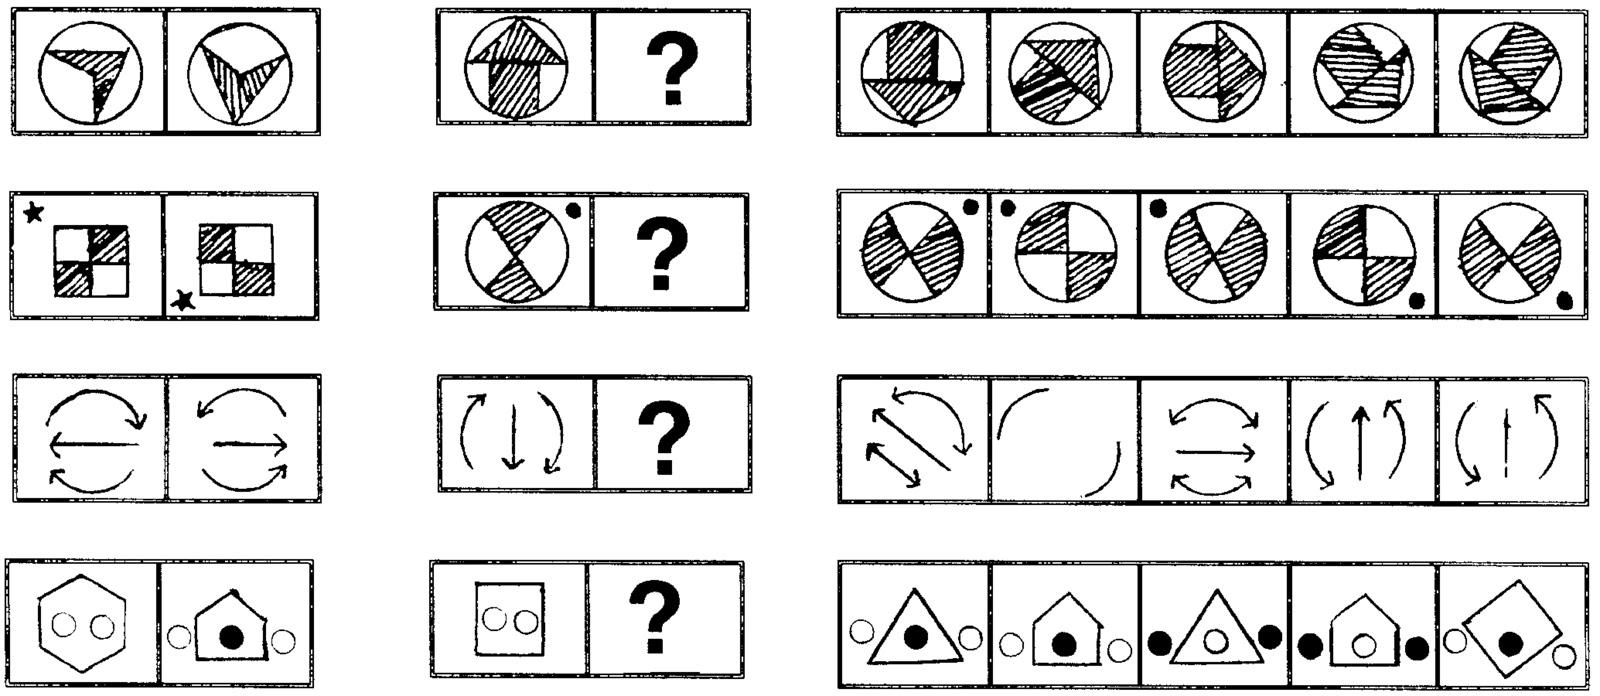 QUIZ PHOTOS, PUZZLES, QUIZ QUESTIONS, STRANGE QUESTIONS